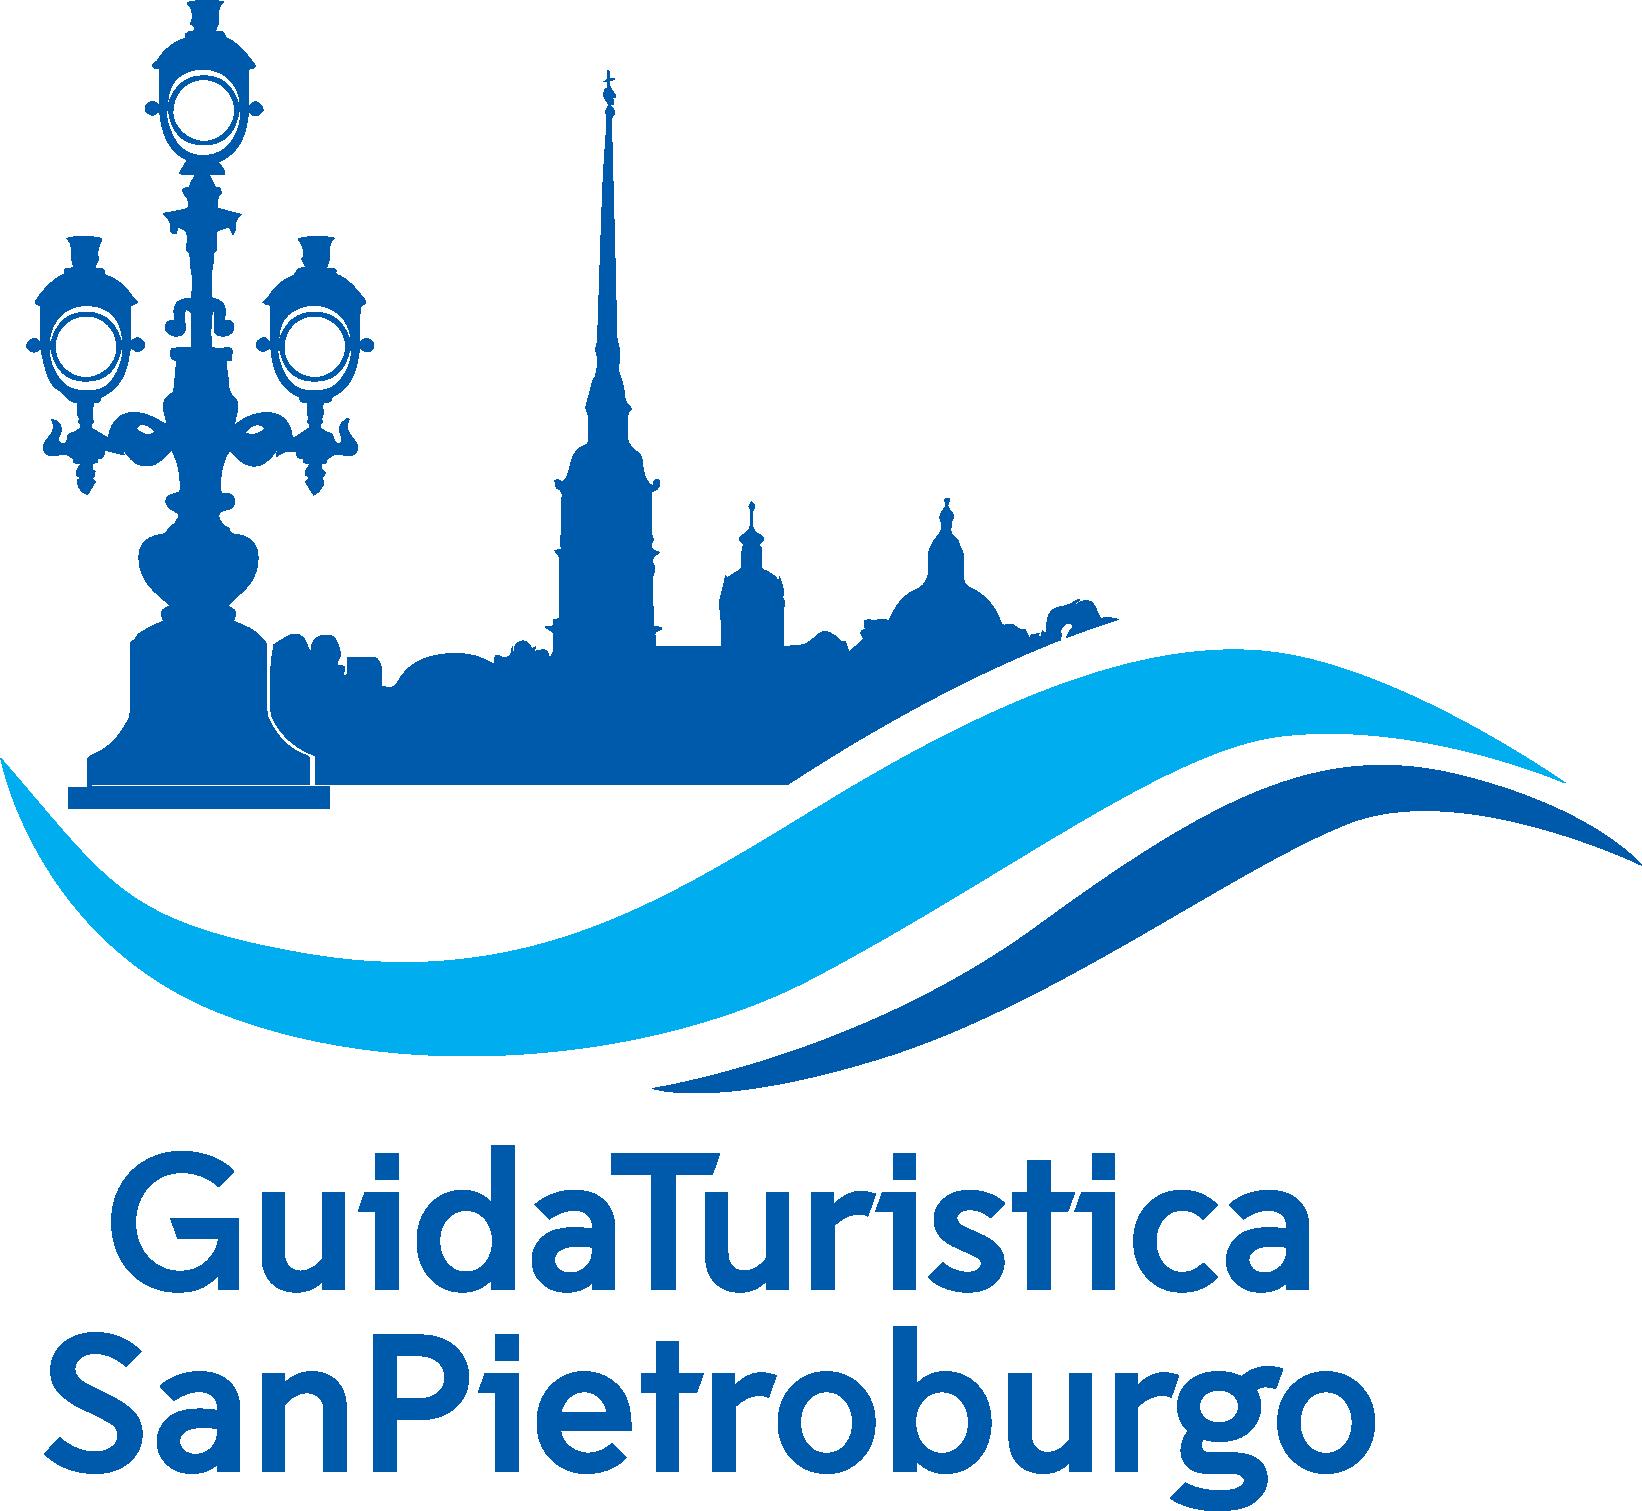 Guida turistica San Pietroburgo Tour